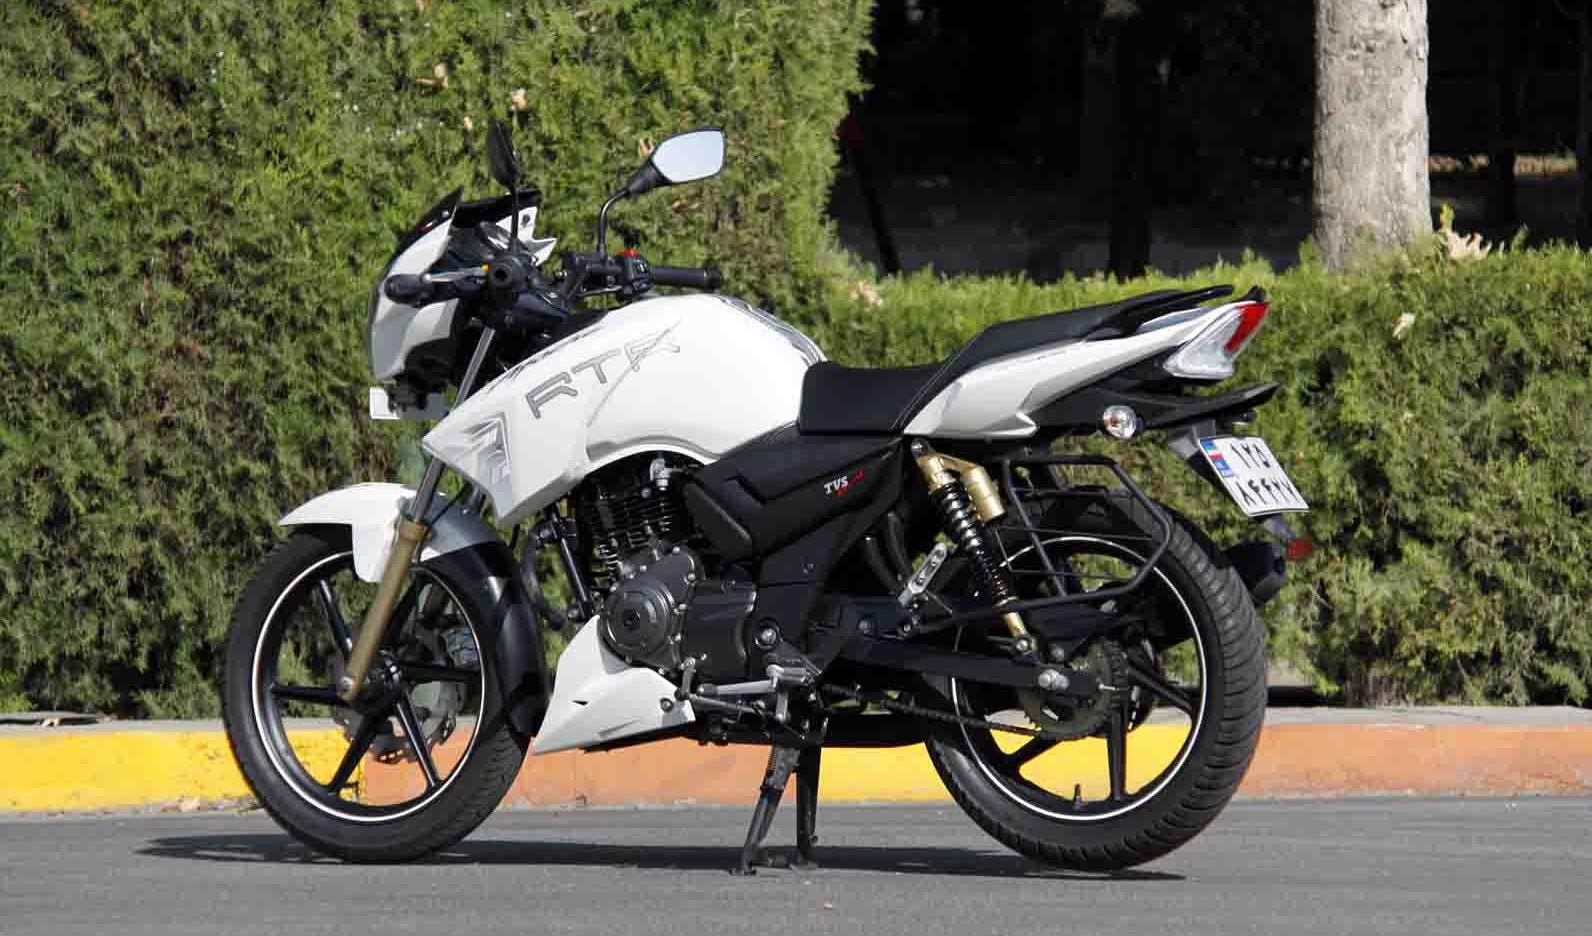 واردات موتور سیکلت از هند / قیمت قطعات موتور ۳۰ درصد افزایش یافت